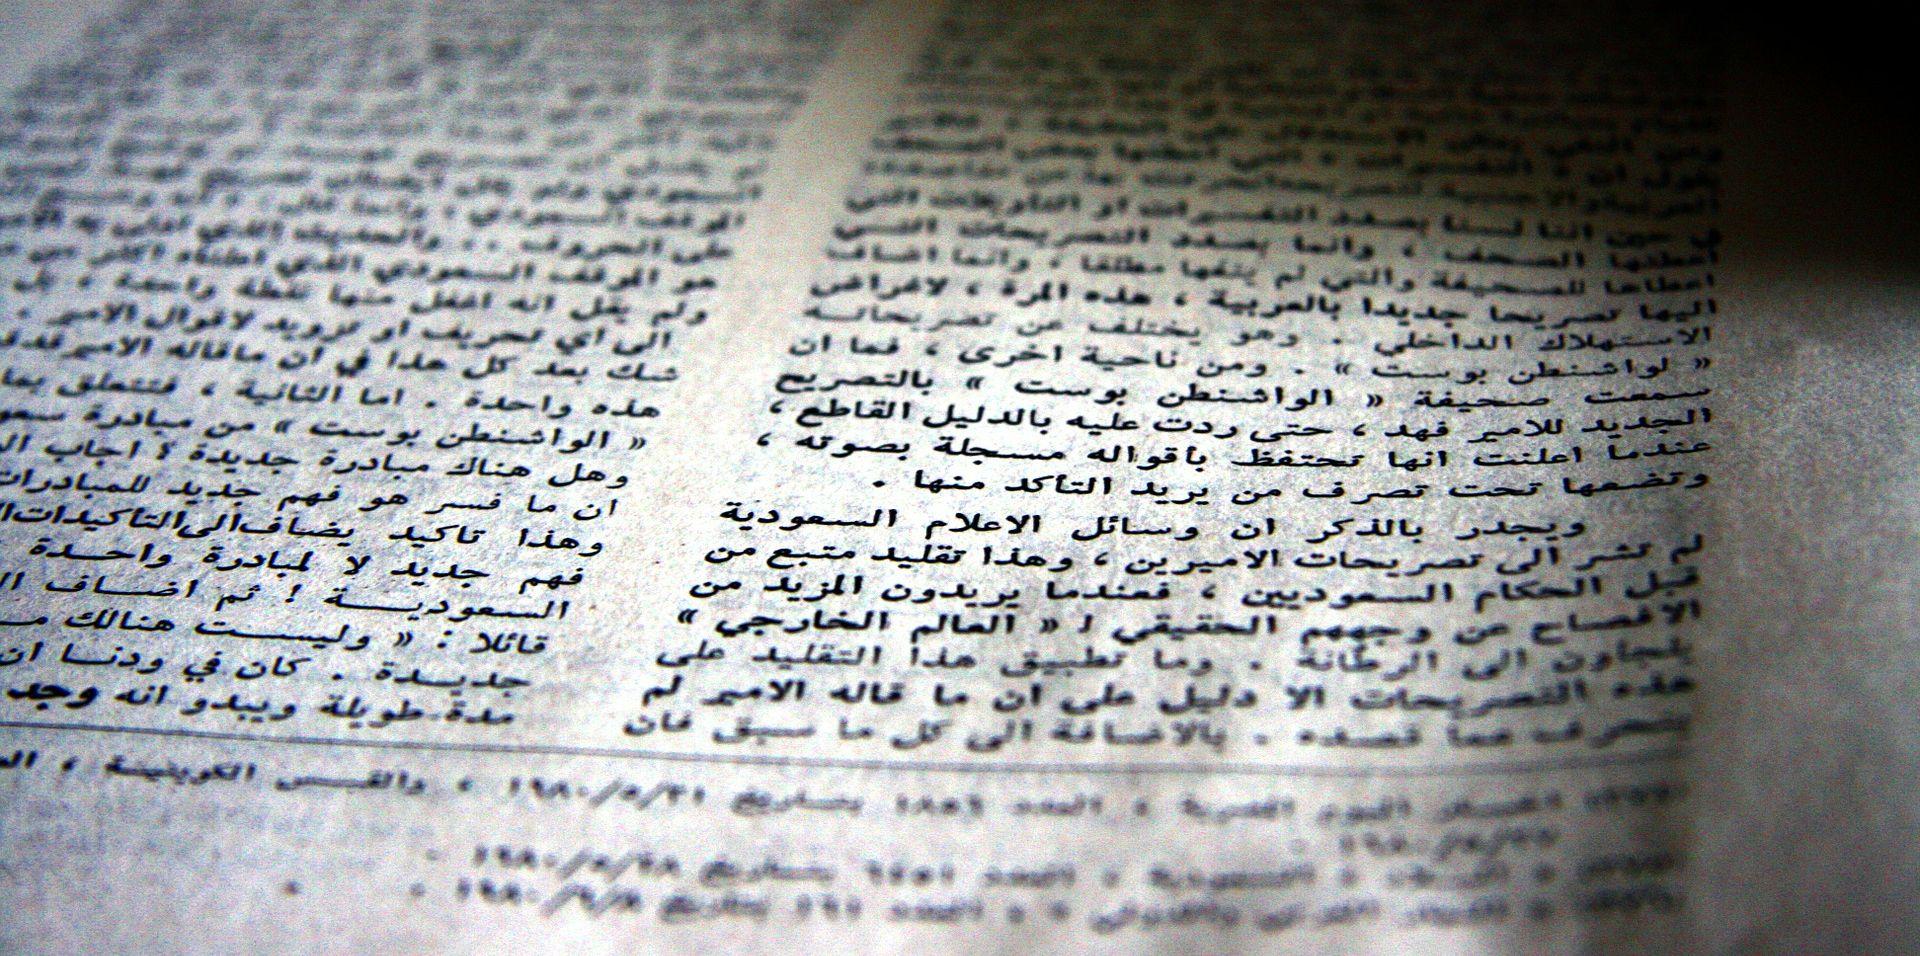 Otkrivena povijest jednog od najstarijih Kurana